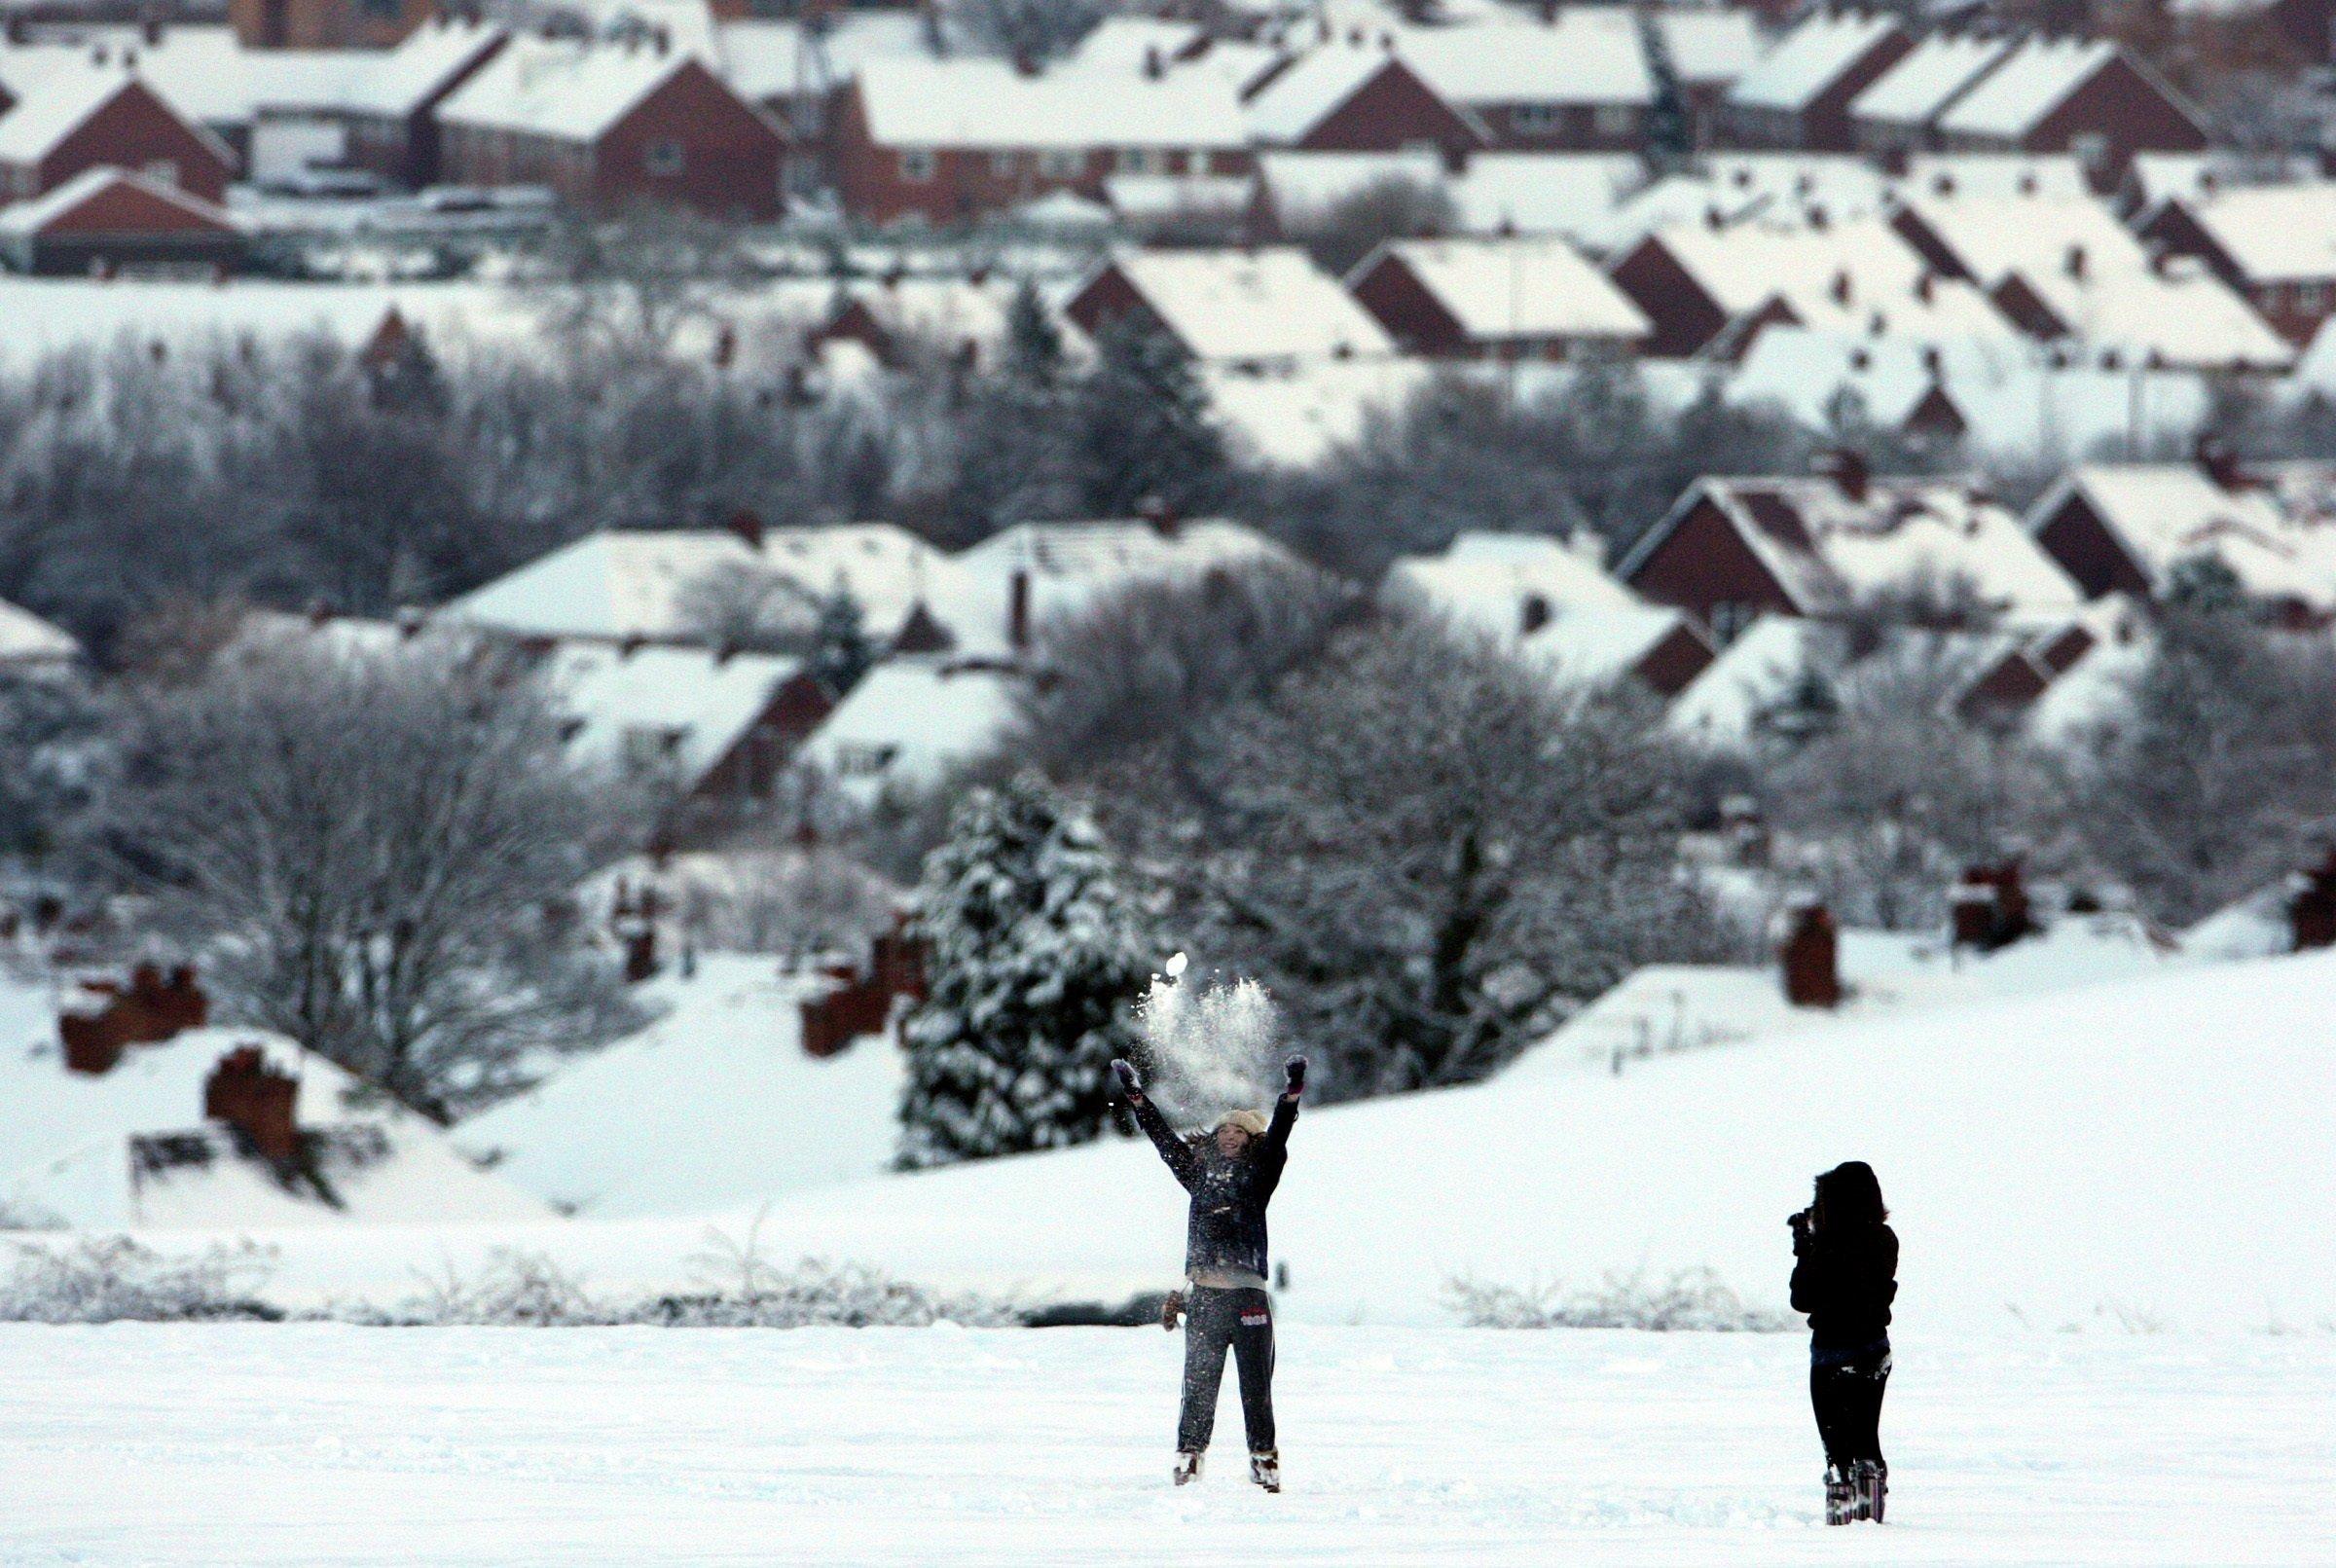 La neige. Image d'illustration Image d'illustration